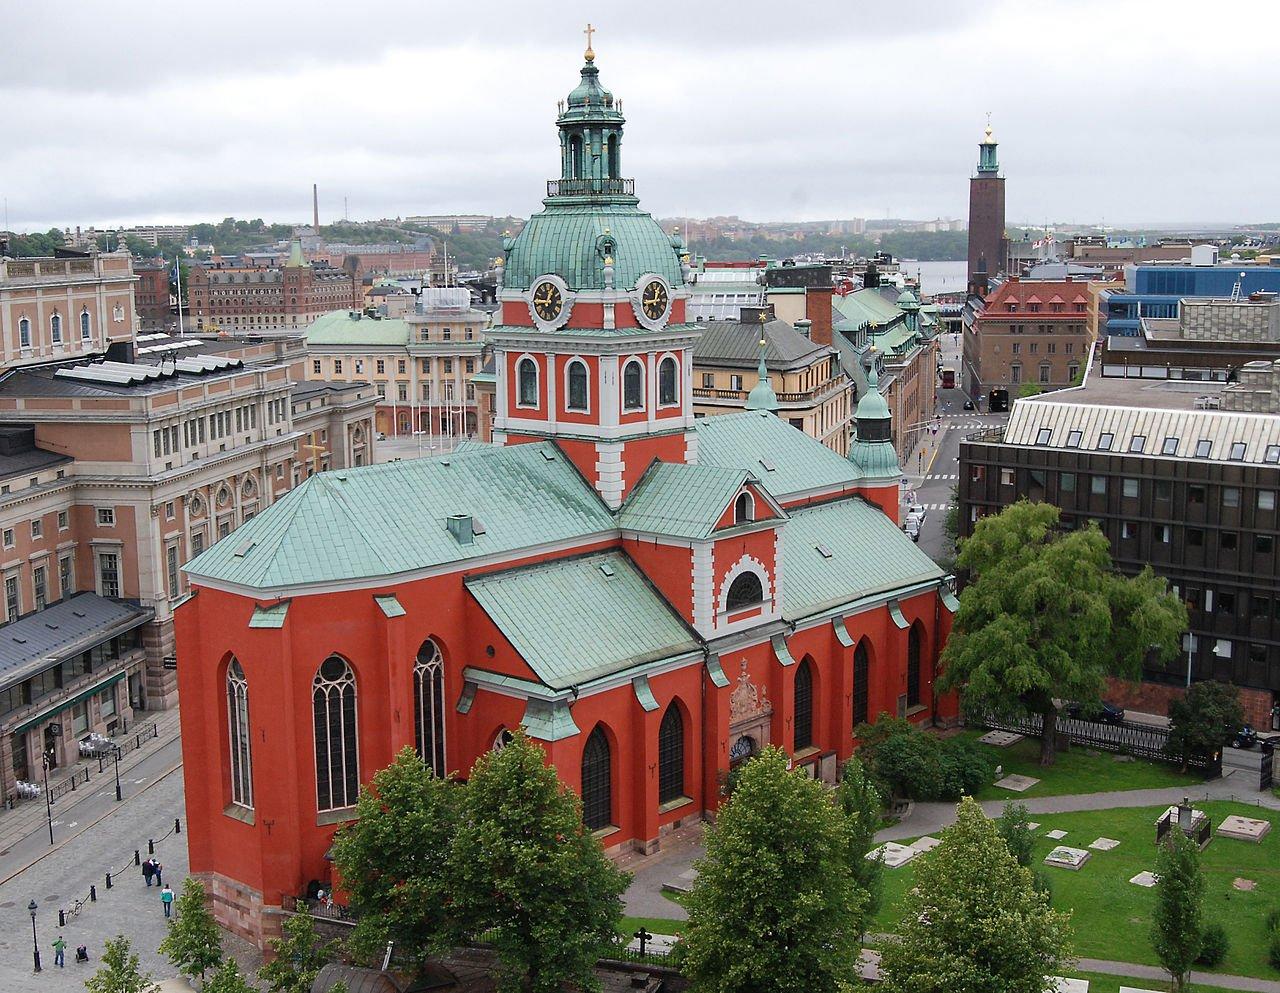 xhgVLoF_Wjg Стокгольм достопримечательности и история.